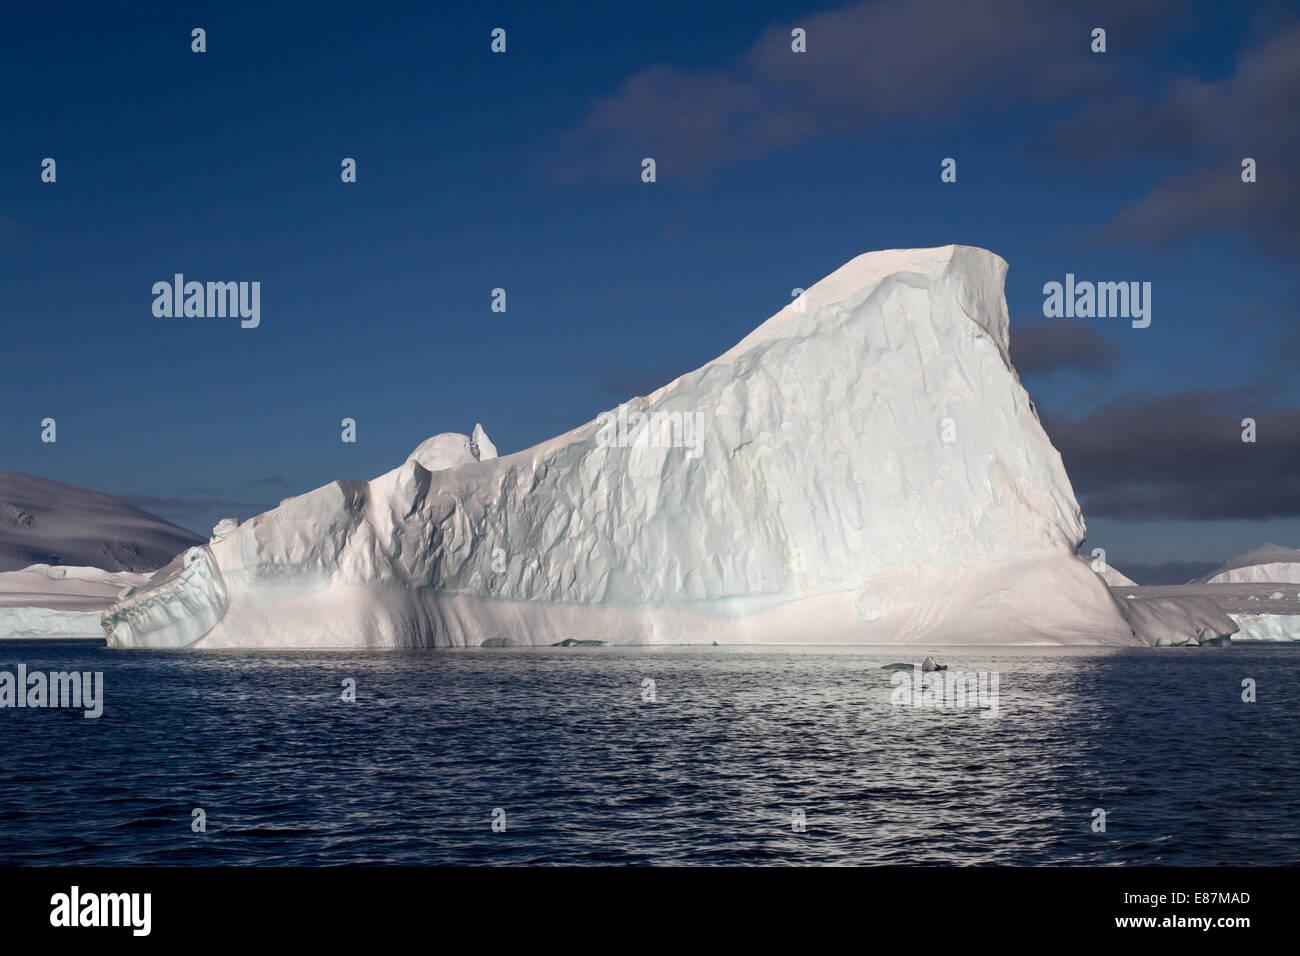 Dans les eaux de l'Antarctique iceberg triangulaire de l'été jour nuageux Photo Stock